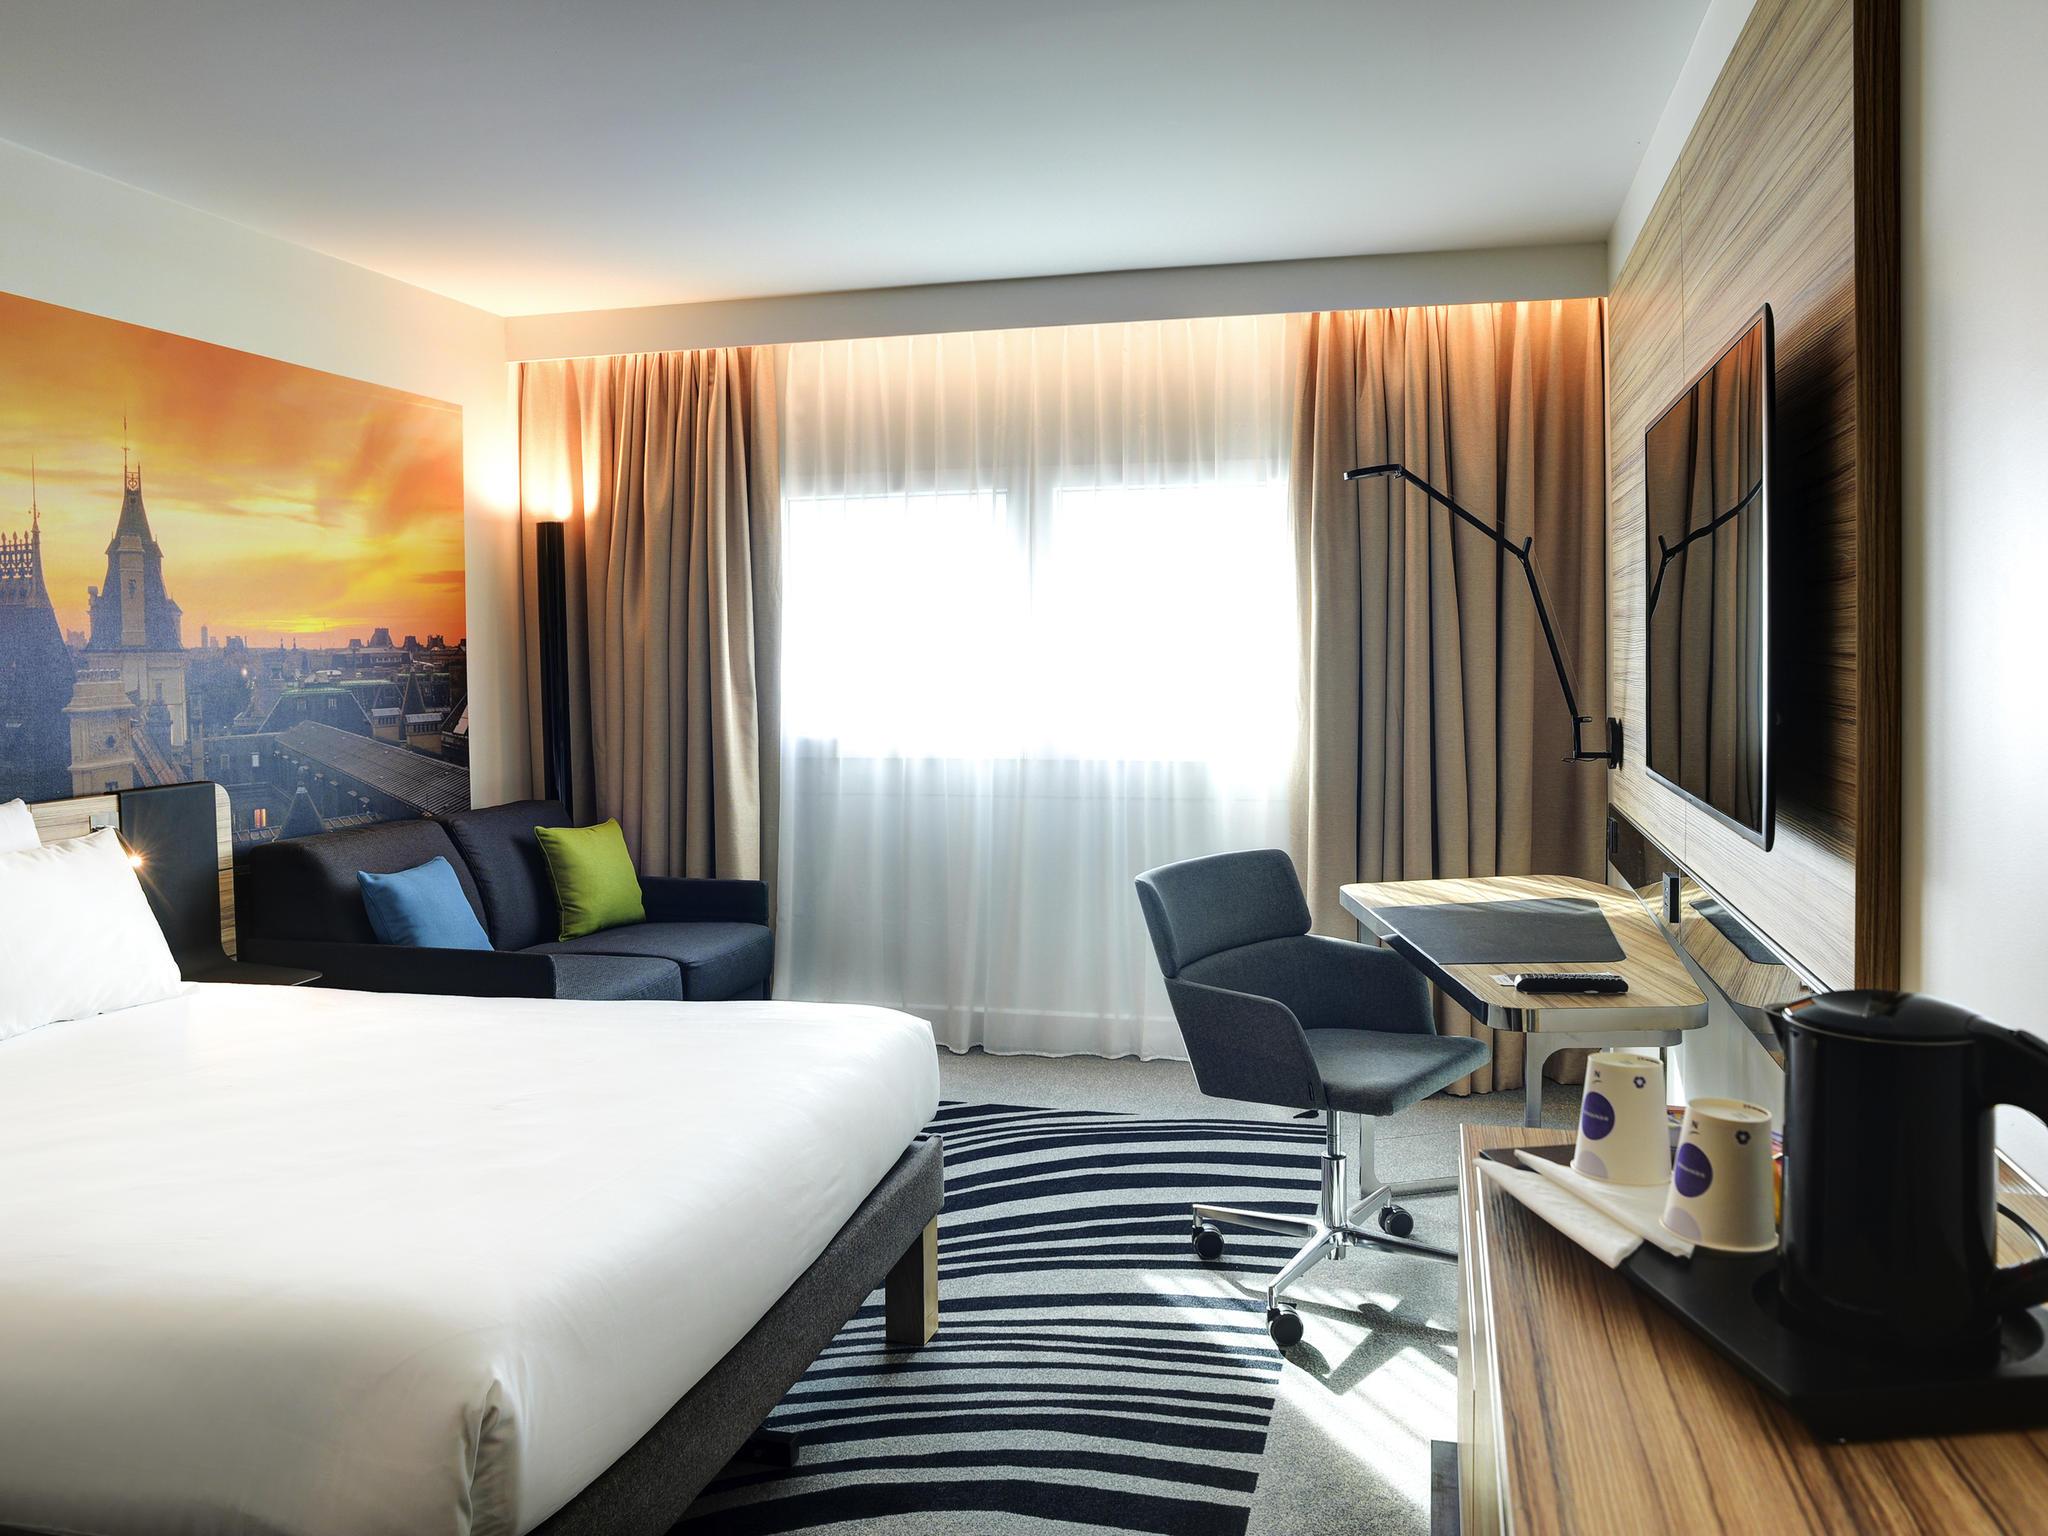 โรงแรม – โนโวเทล ปารีส 14 ปอร์ต ดี ออร์ลีนส์